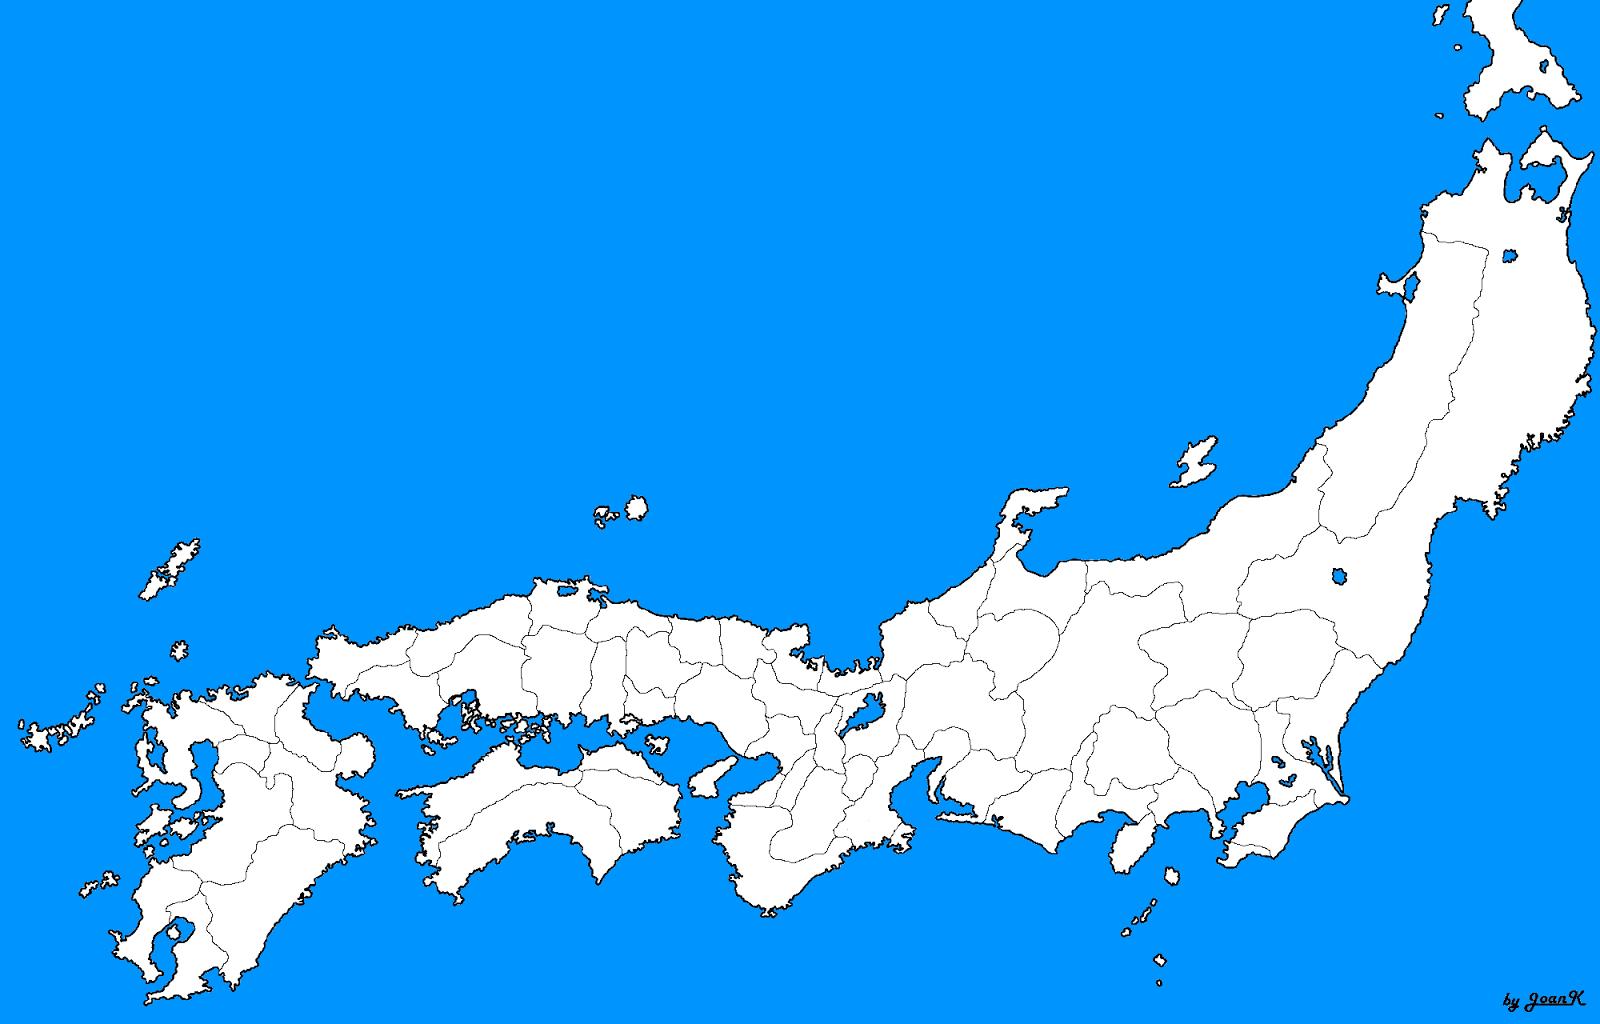 天朝大國: Blank Map of Sengoku Jidai Japan